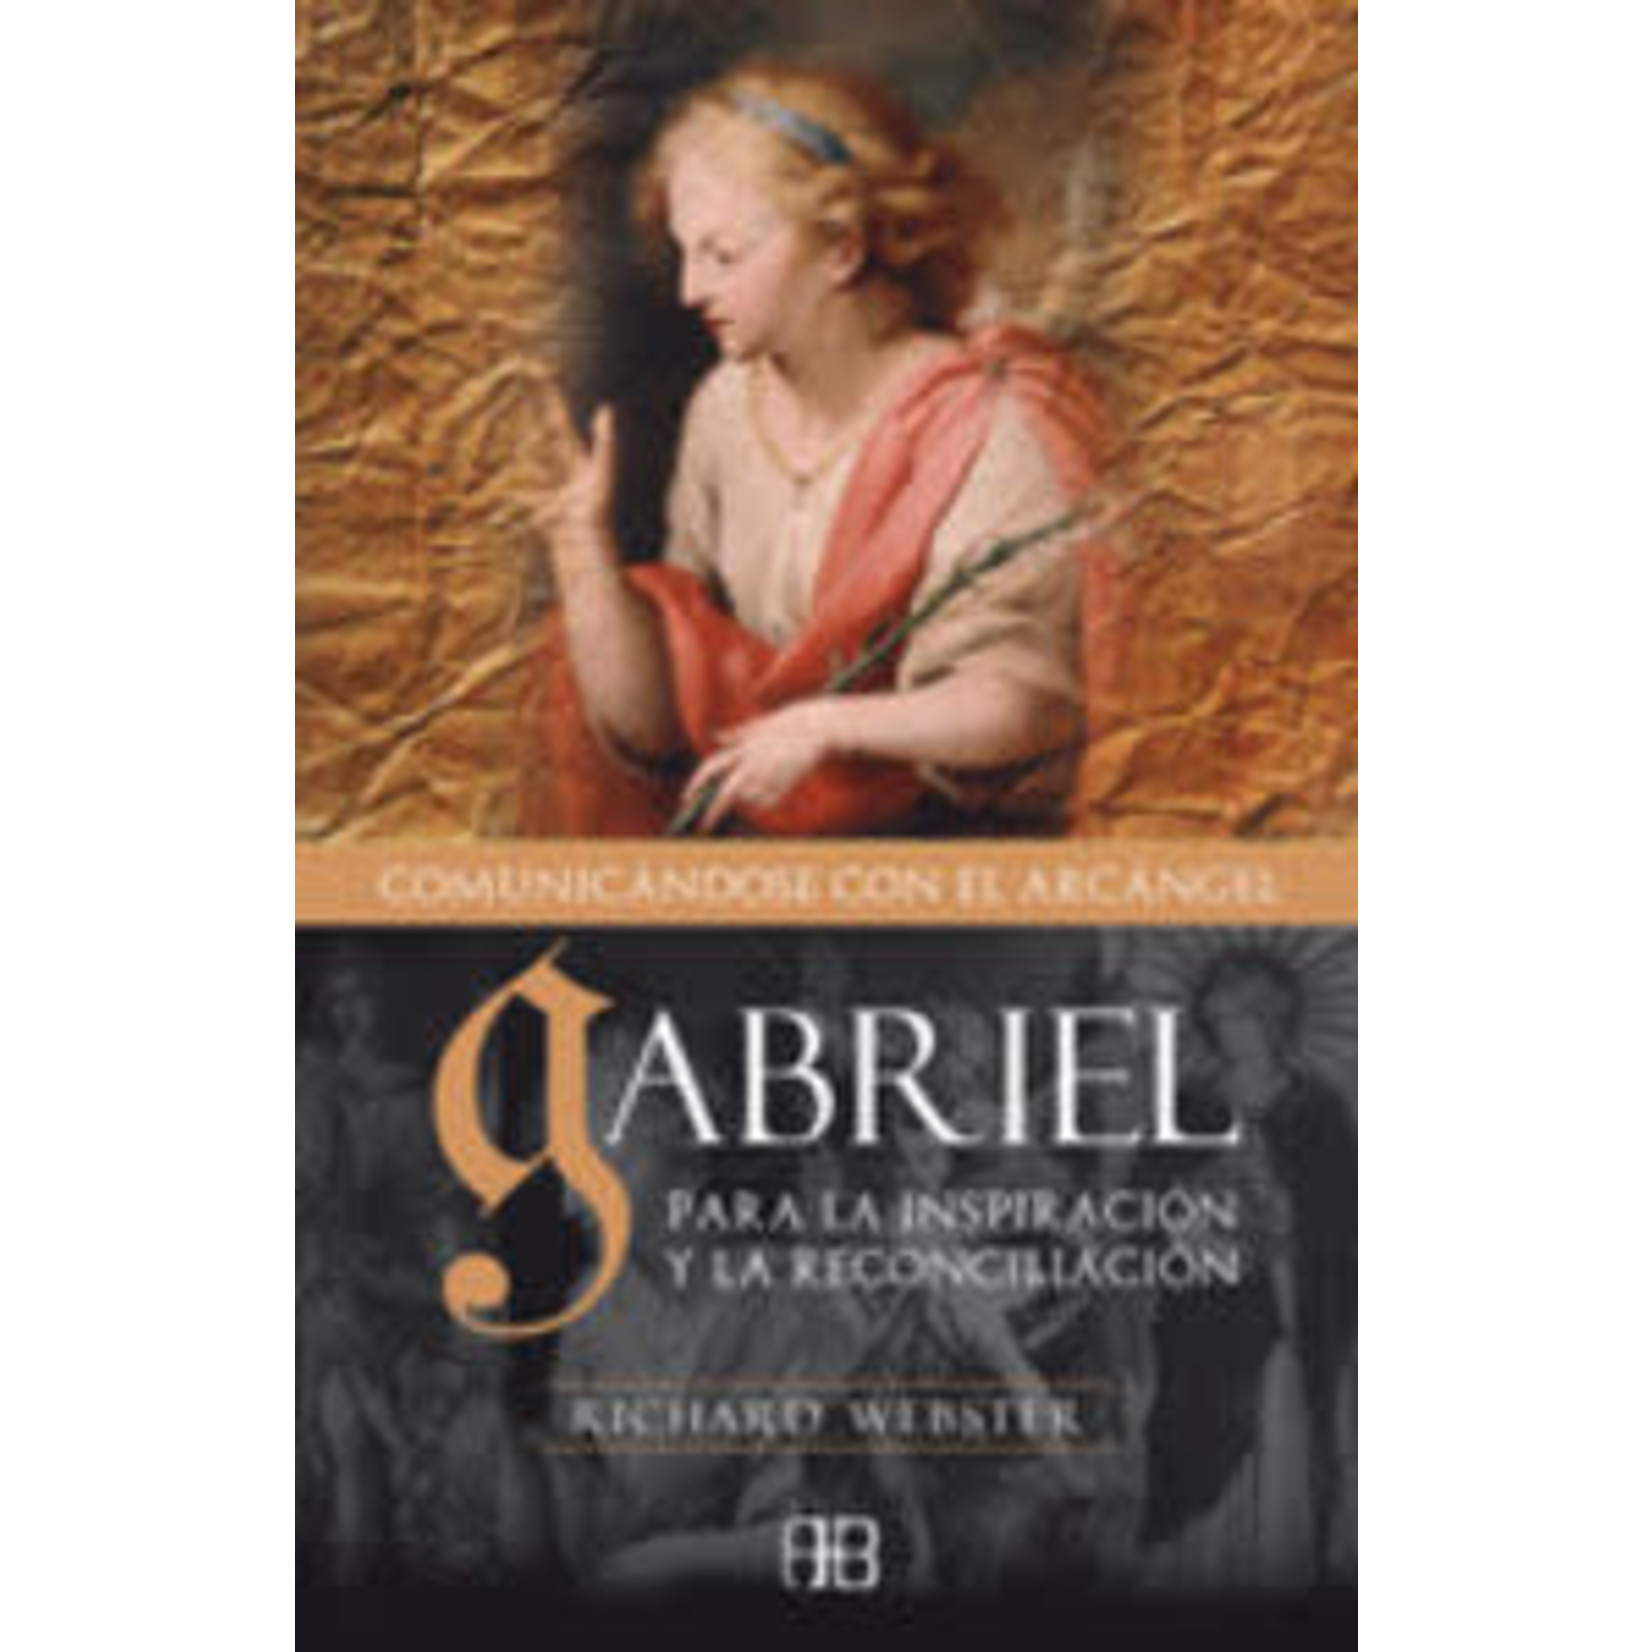 GABRIEL COMUNICANDOSE CON EL ARCANGEL